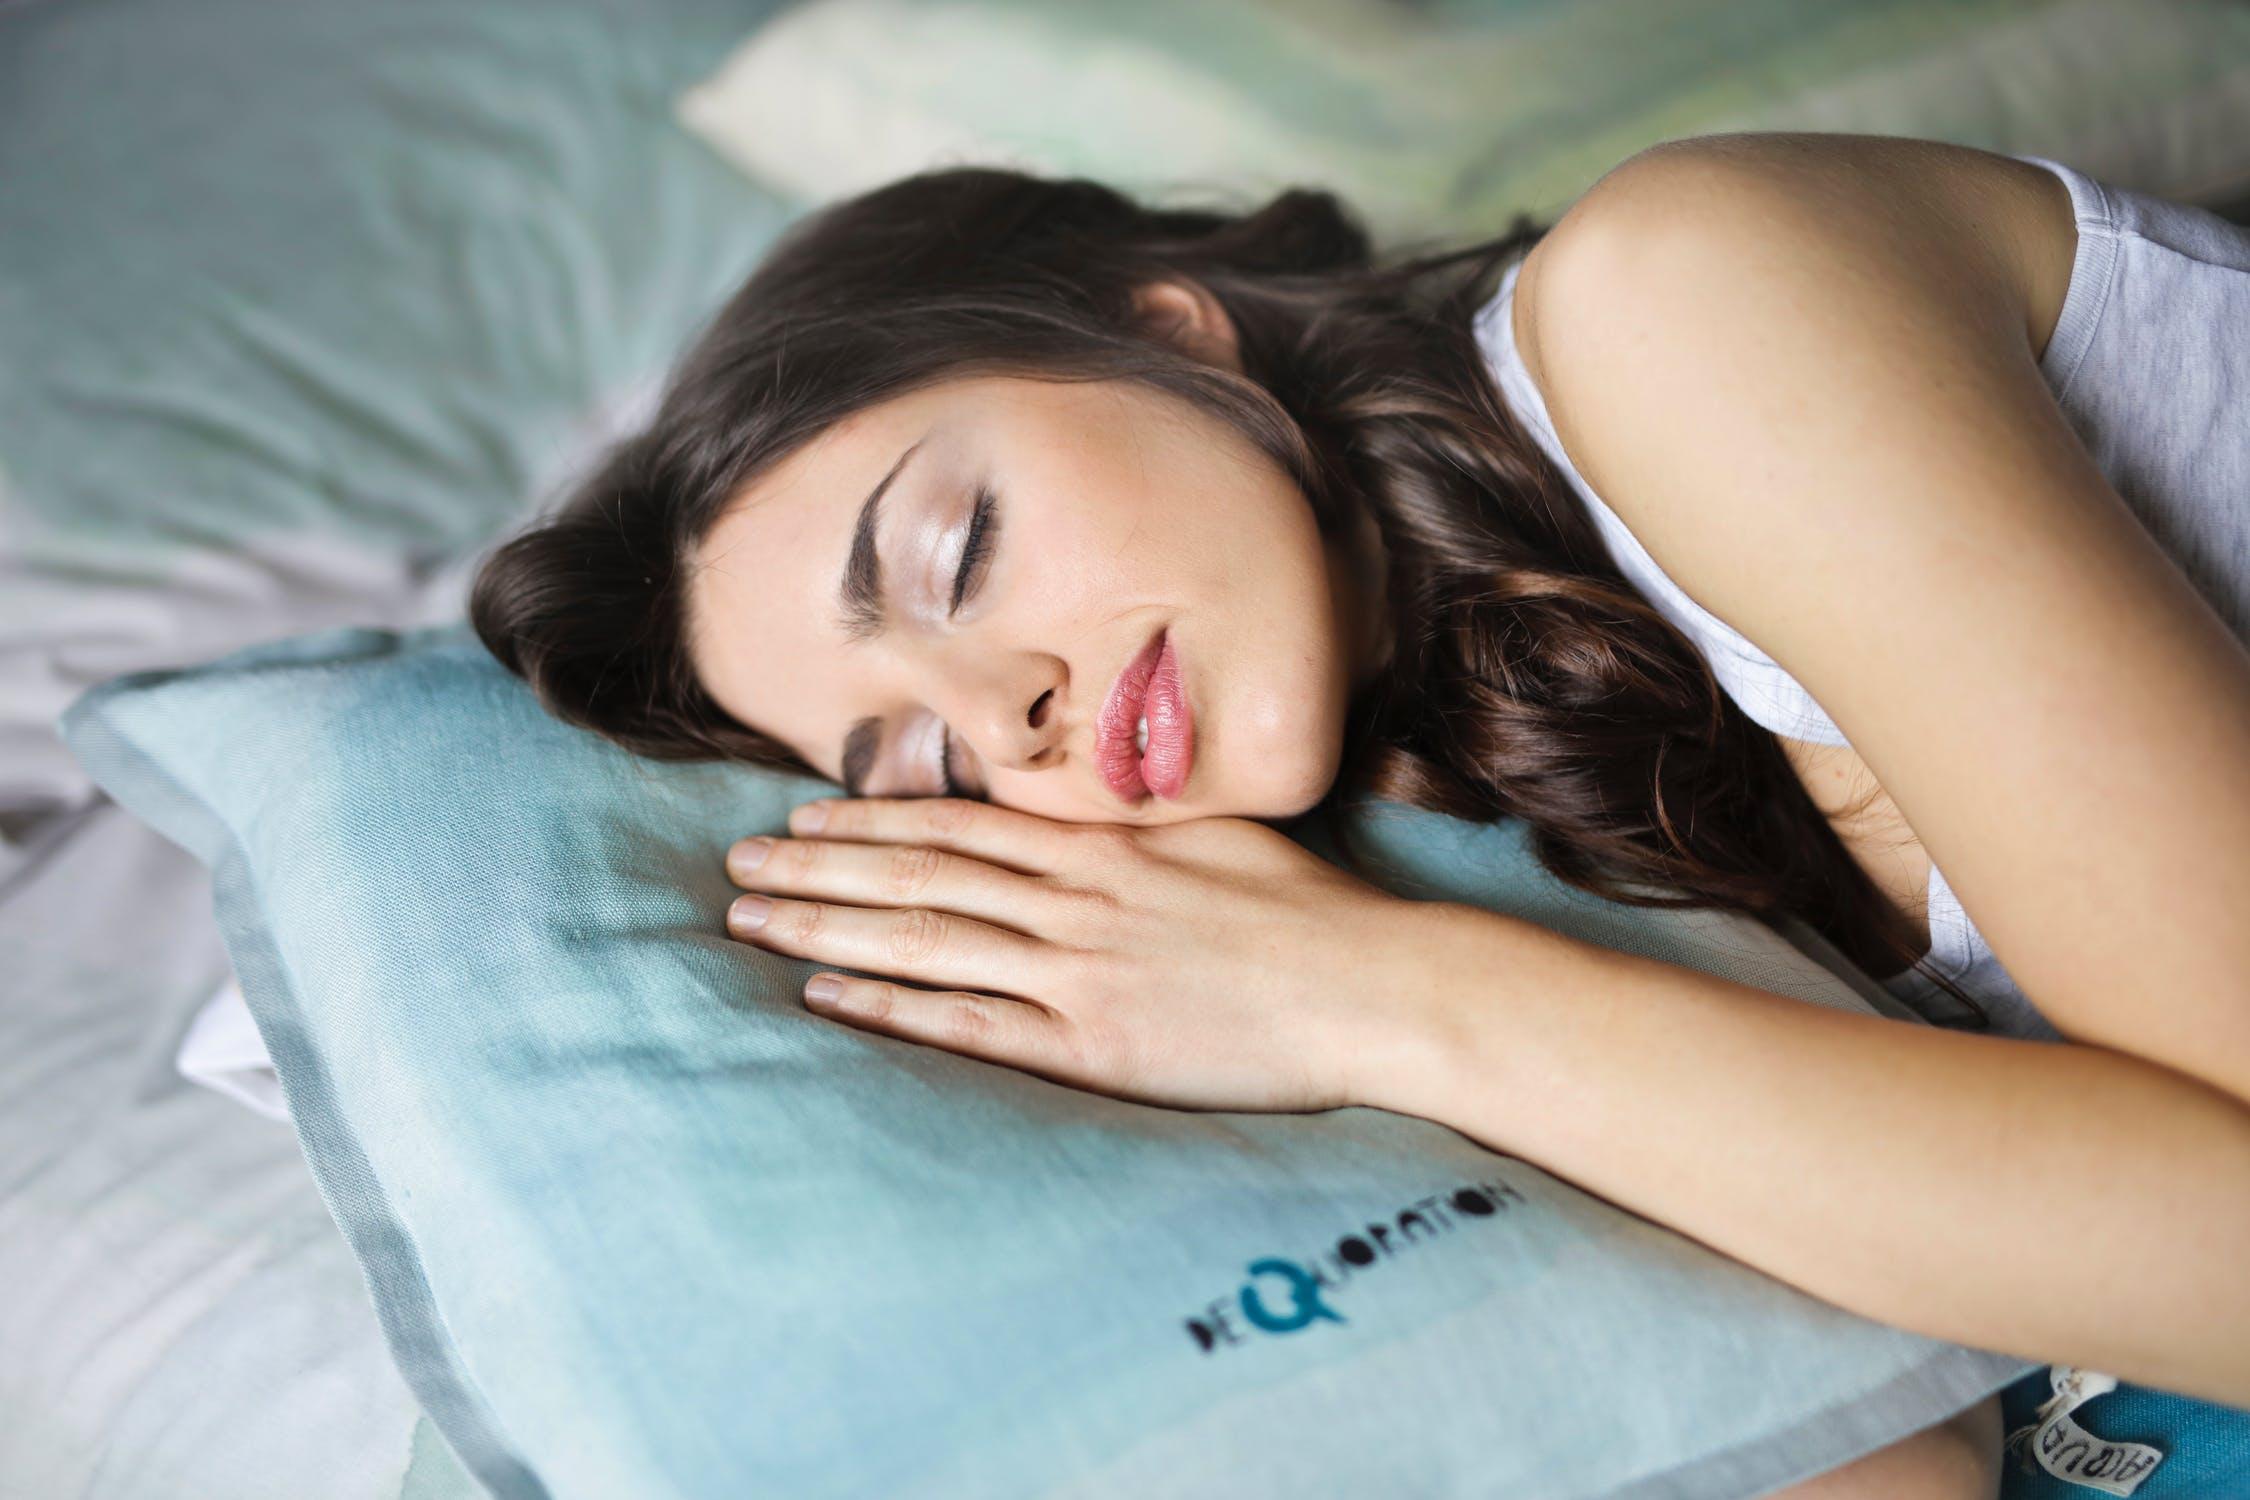 pexels-914910-INP-Instituut-voor-Neuropathische-Pijn slapen